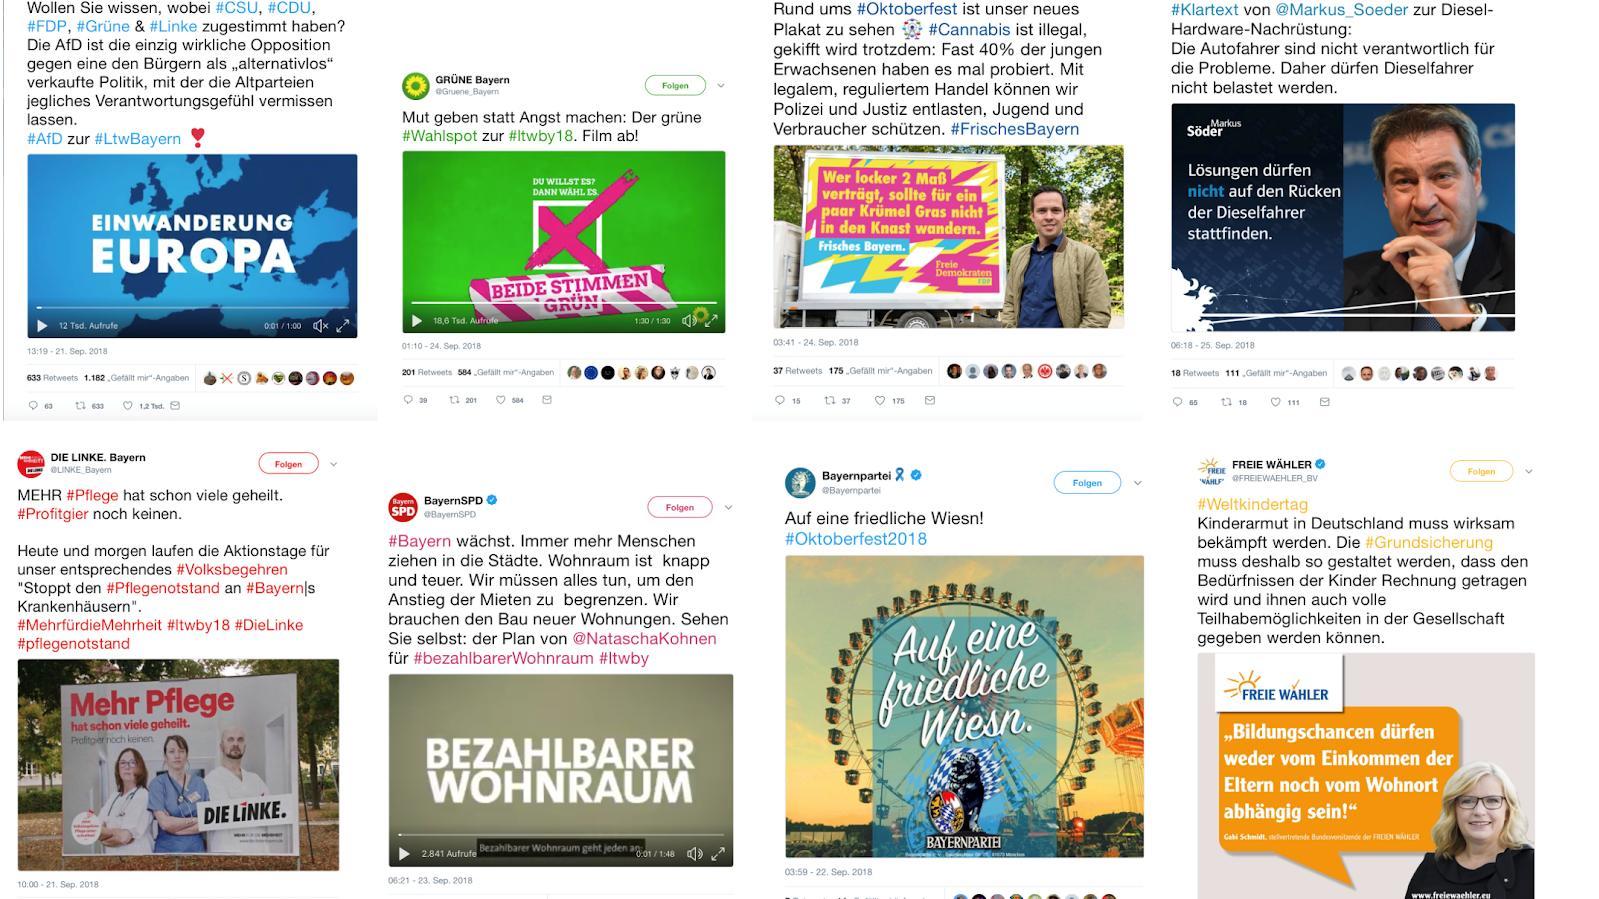 Die meist gelikten Tweets der bayerischen Parteien